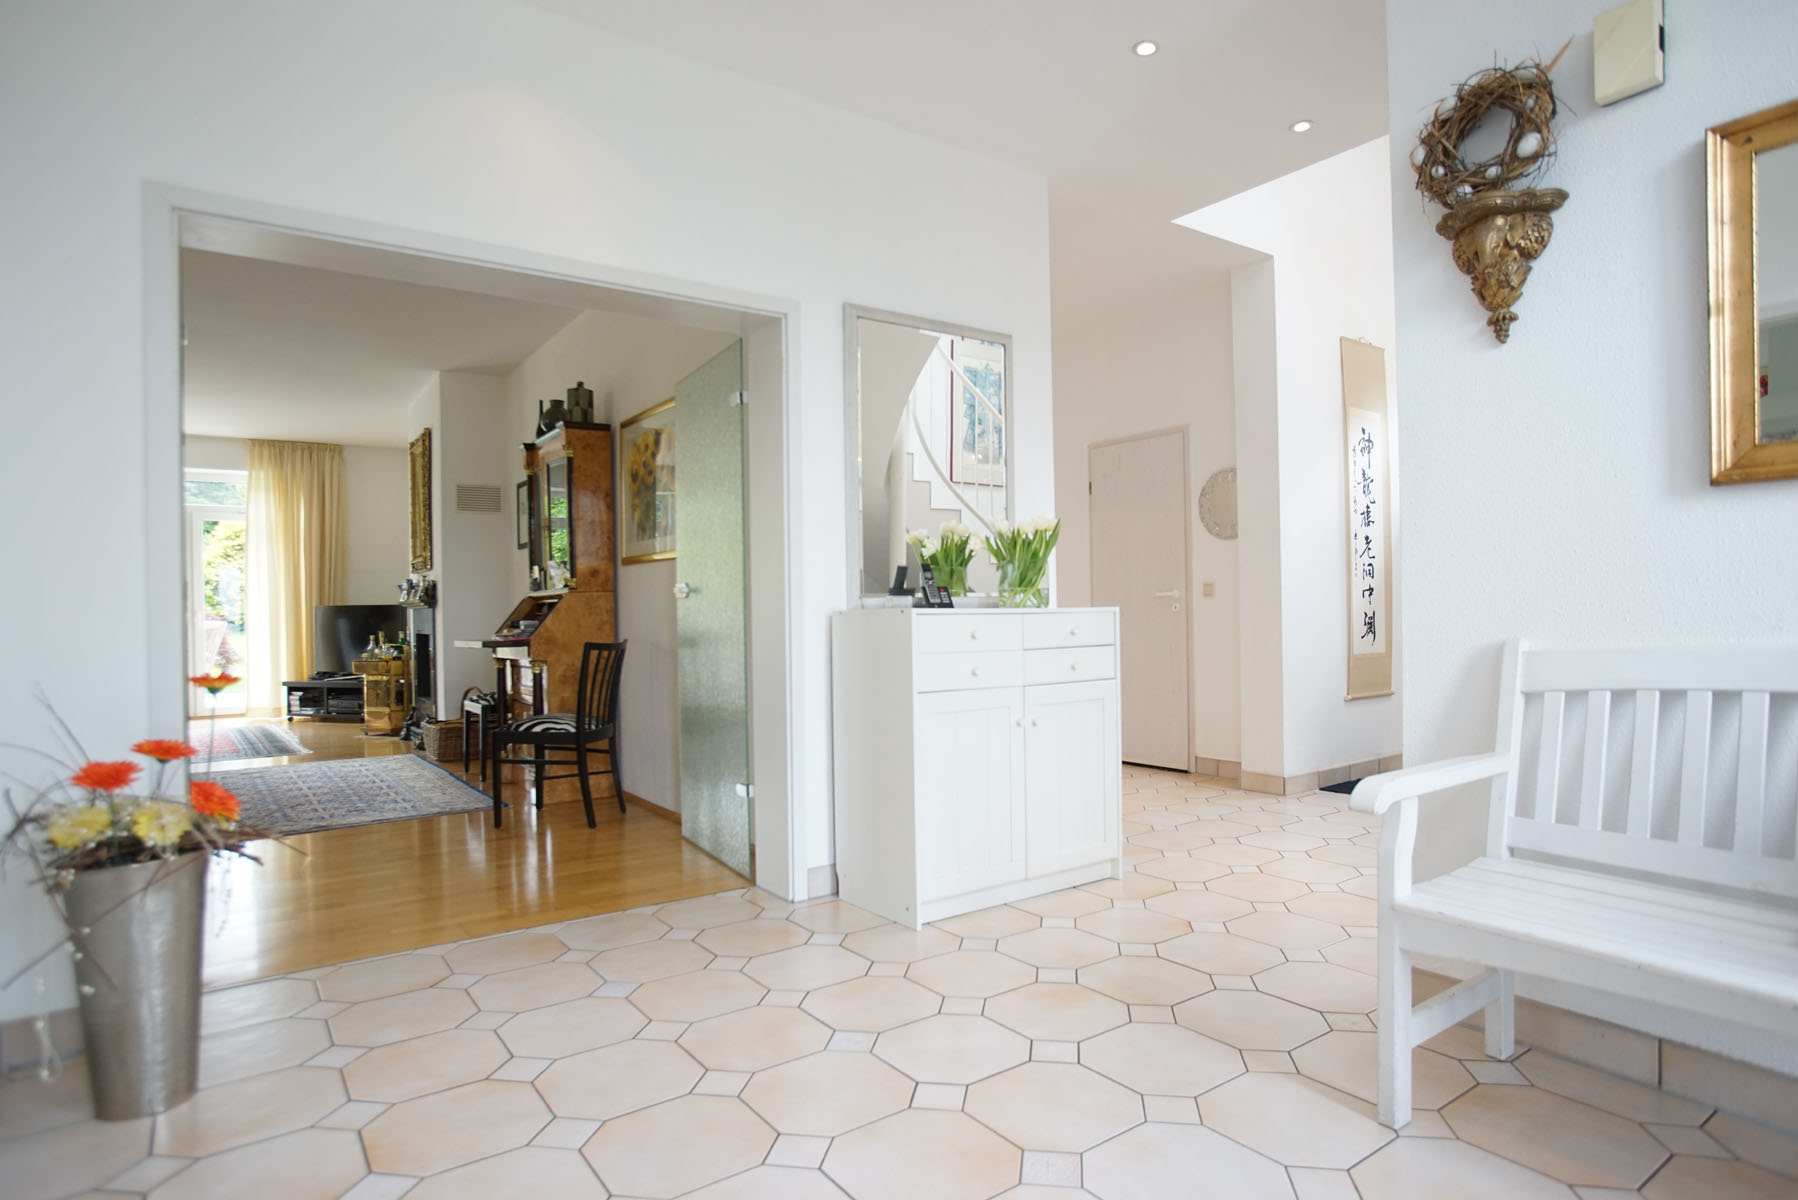 gro es haus mit zauberhaftem garten und pool in sch ner lage von bonn ckesdorf immobilienteam. Black Bedroom Furniture Sets. Home Design Ideas